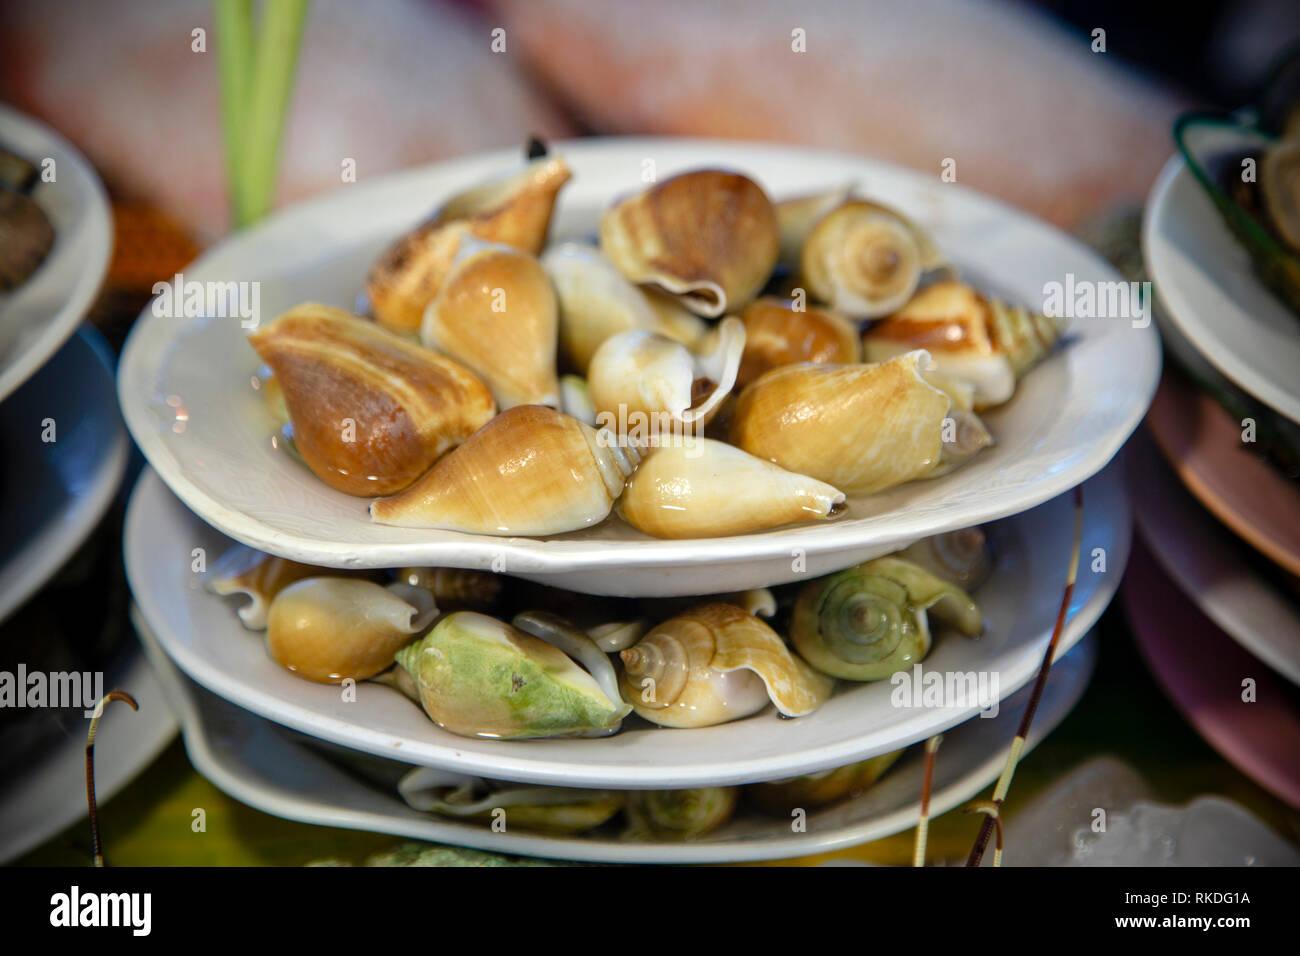 Edible Species Sea Snail Stock Photos & Edible Species Sea Snail